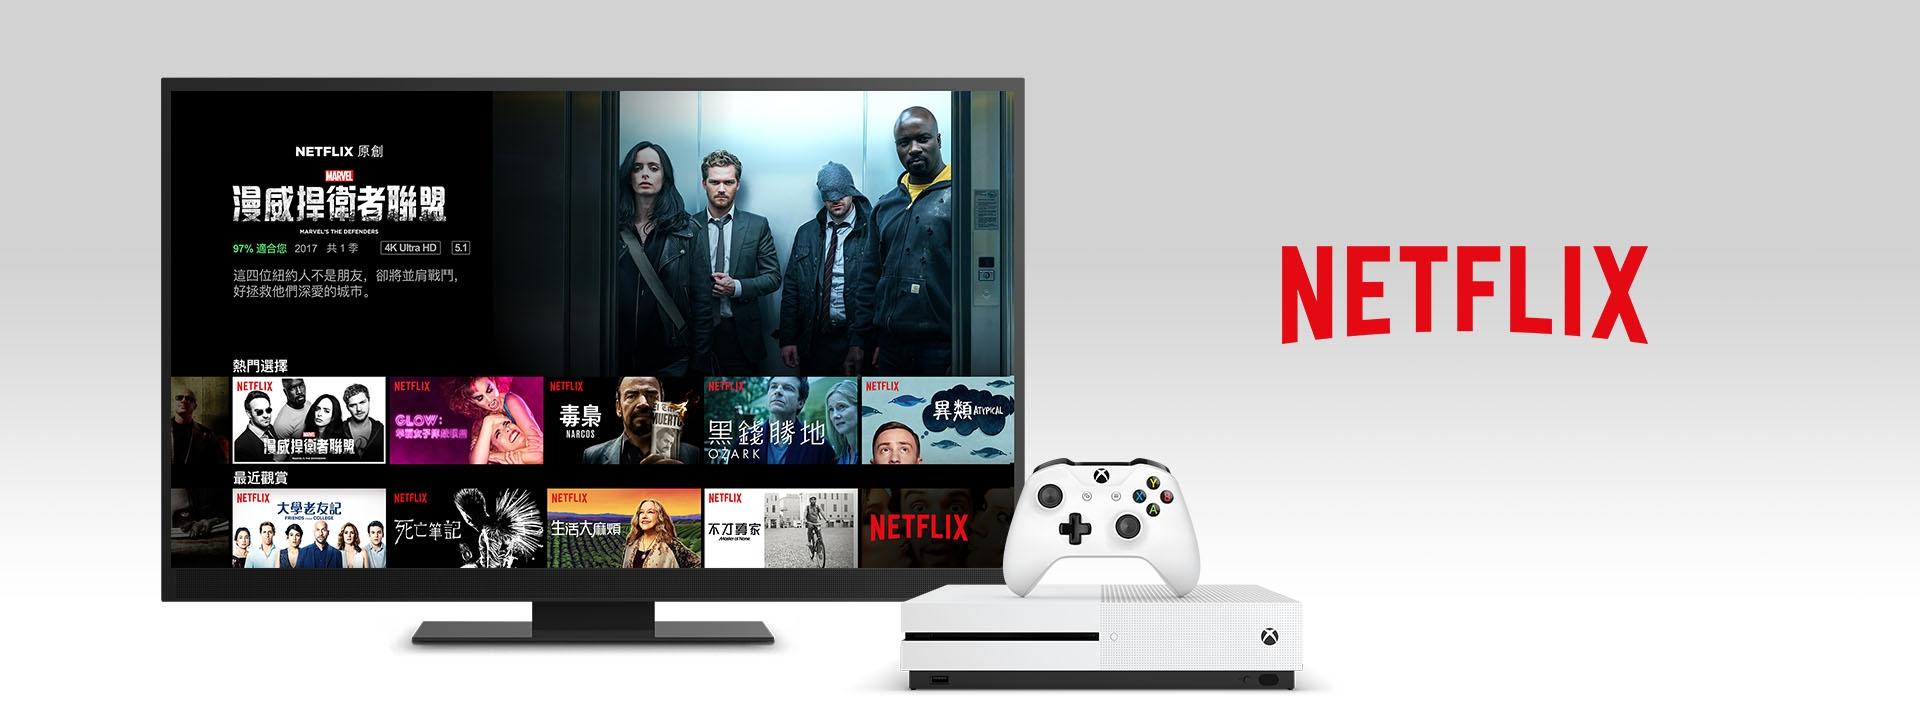 Netflix 在 Xbox One 推出